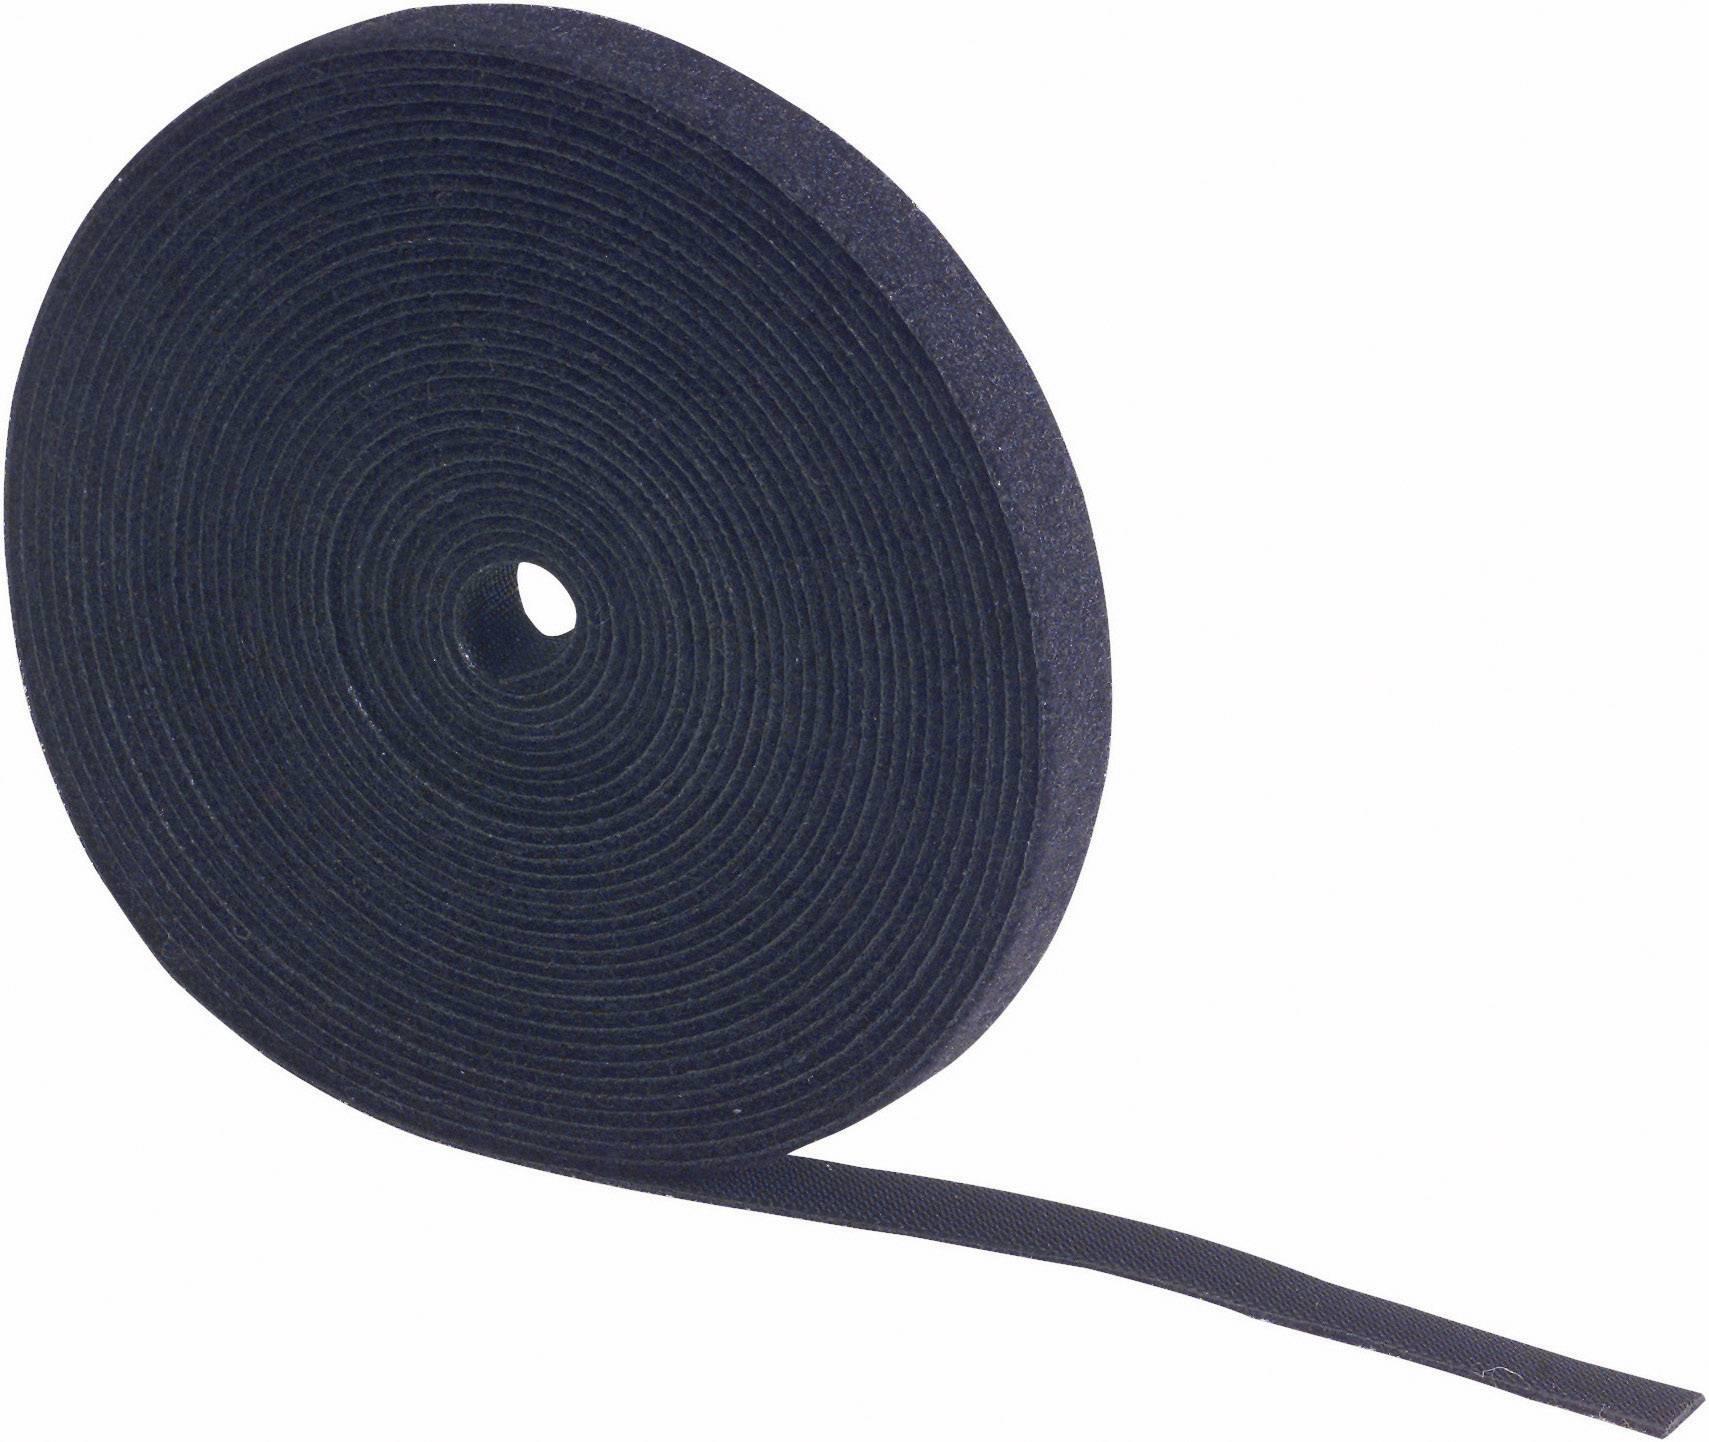 Páska se suchým zipem Fastech 699-330-Bag, 5 m x 50 mm, černá, 5 m